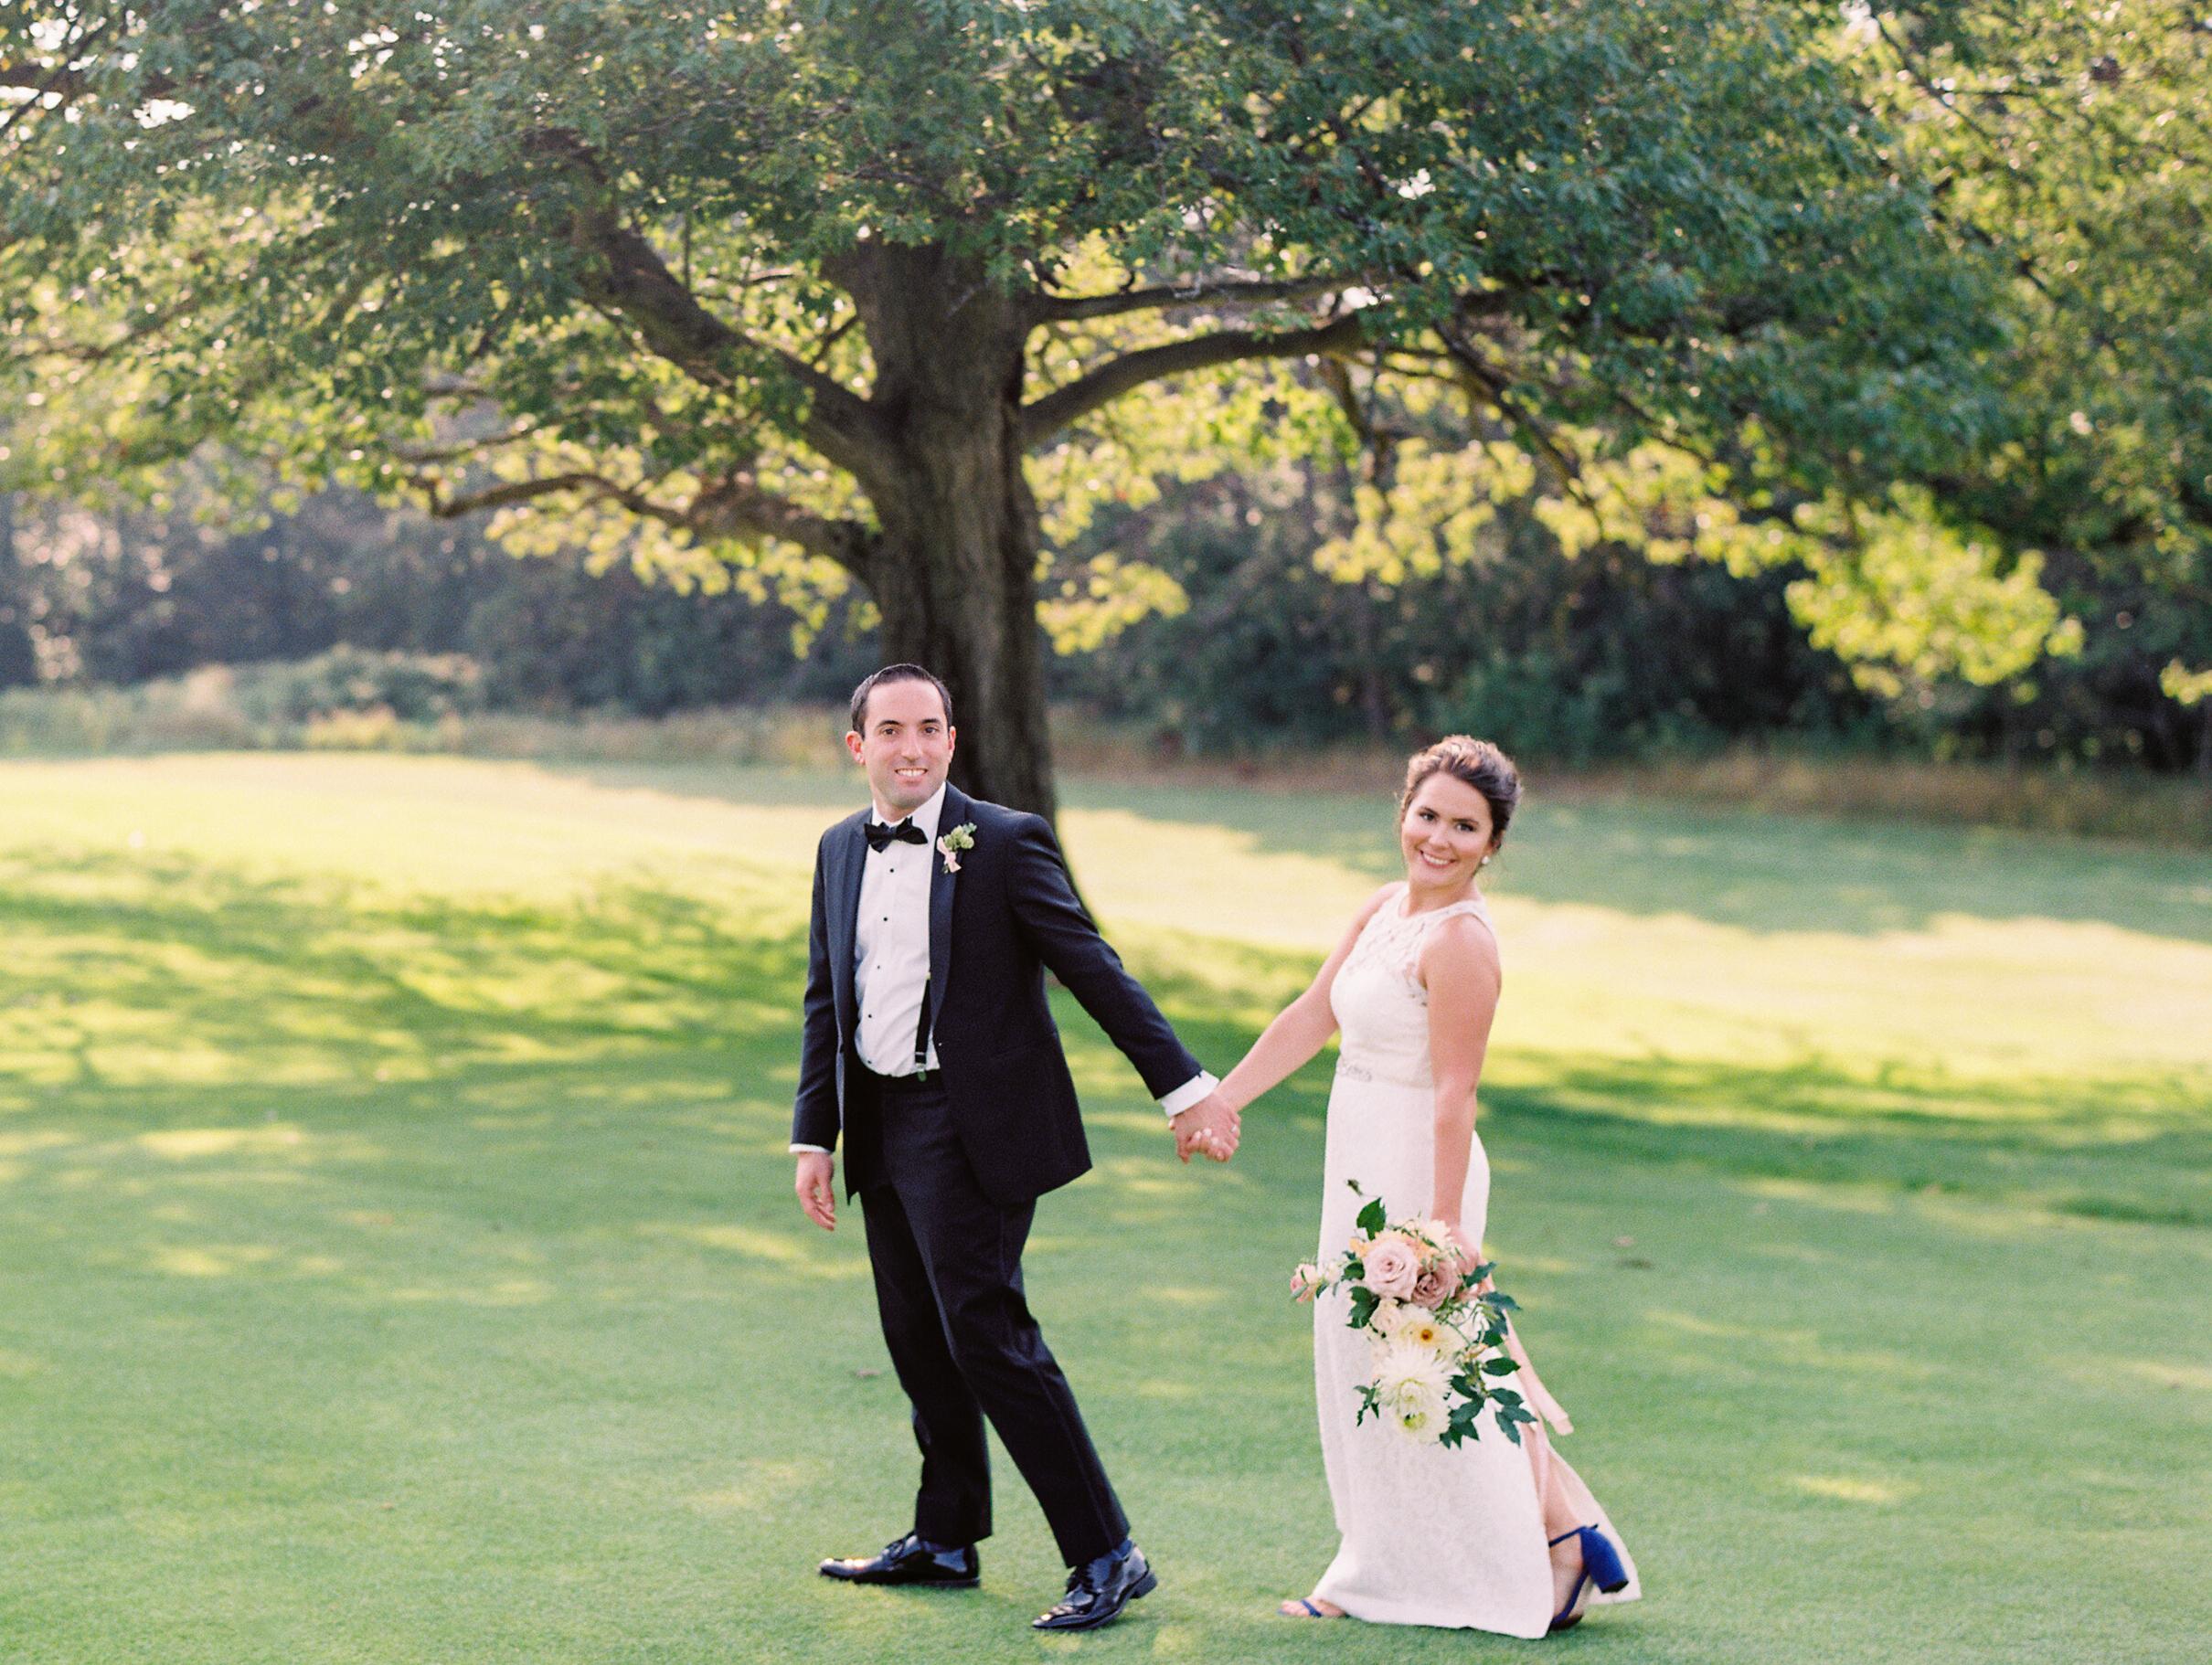 Zoller+Wedding+First+Look-27.jpg